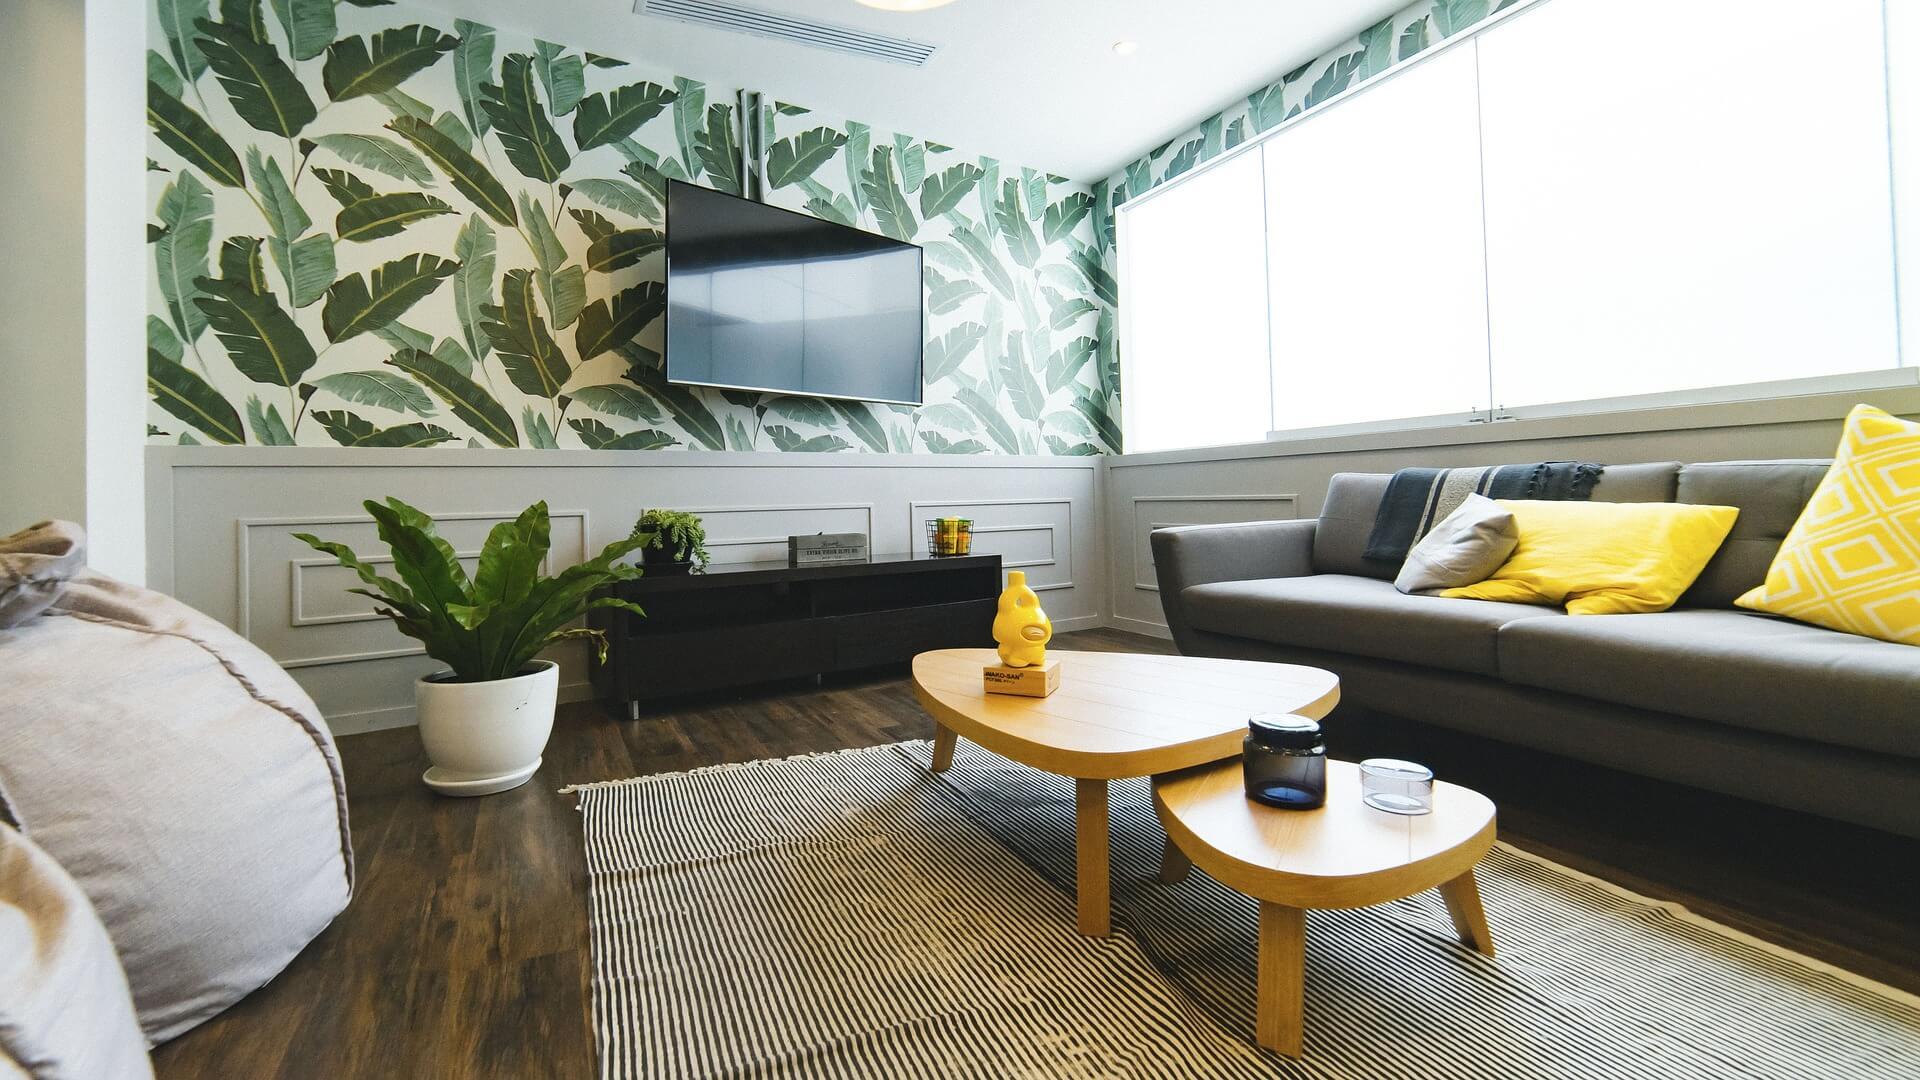 איך משדרגים את חוויית הישיבה בסלון הבית?